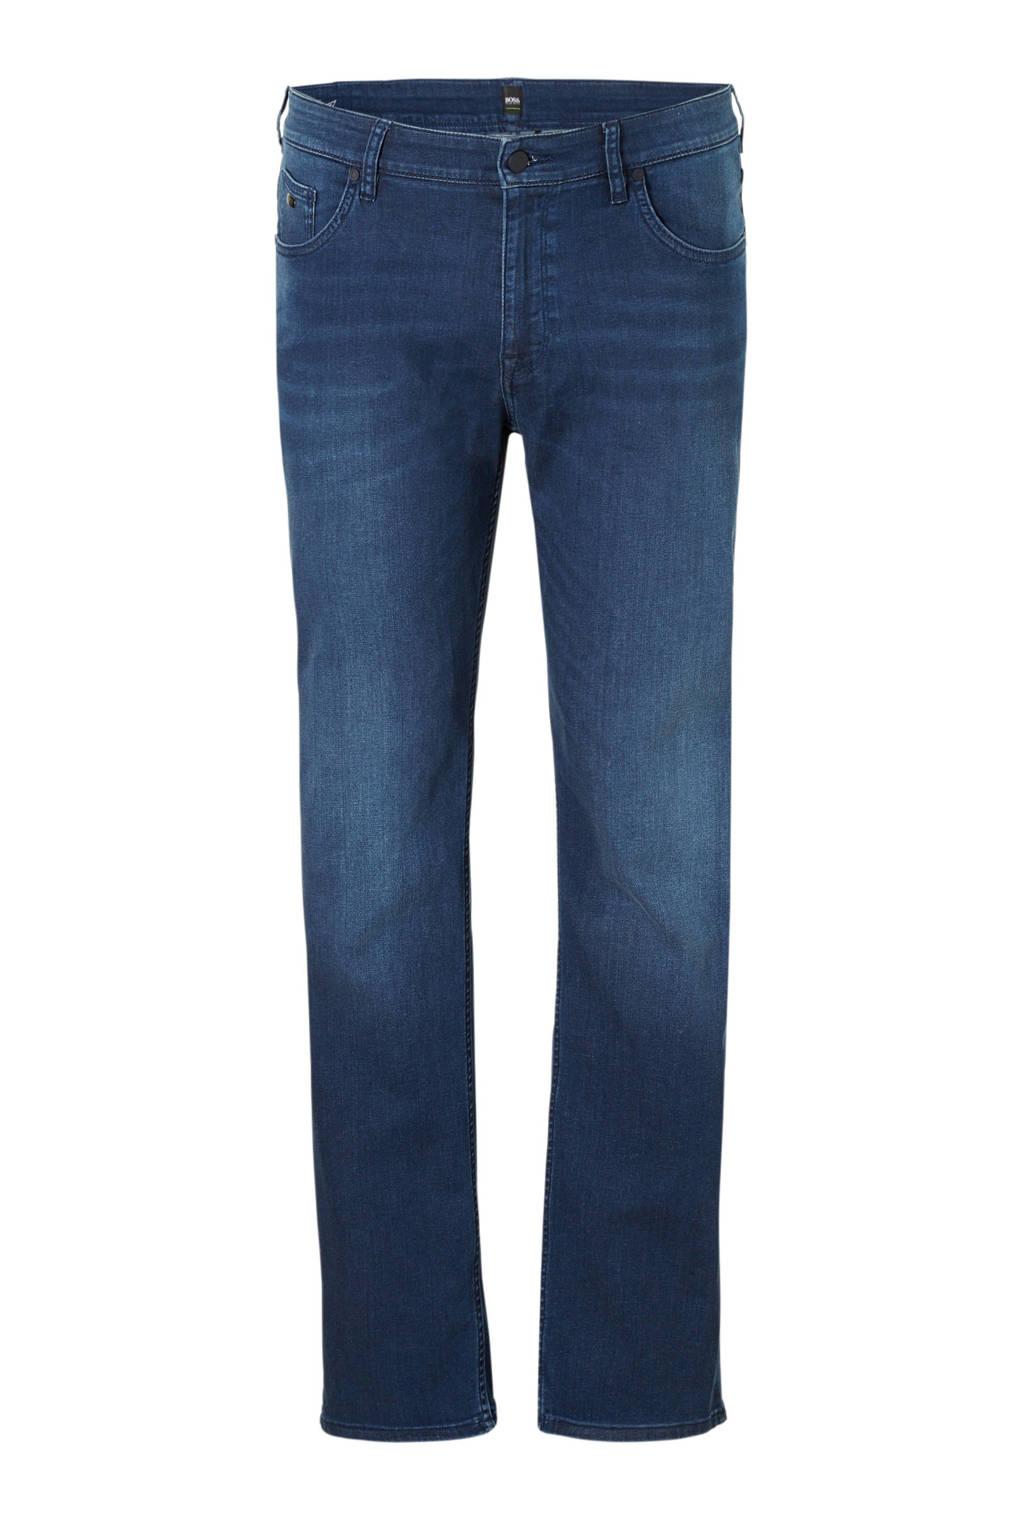 Boss Athleisure Big & Tall  regular regular fit jeans, Blauw